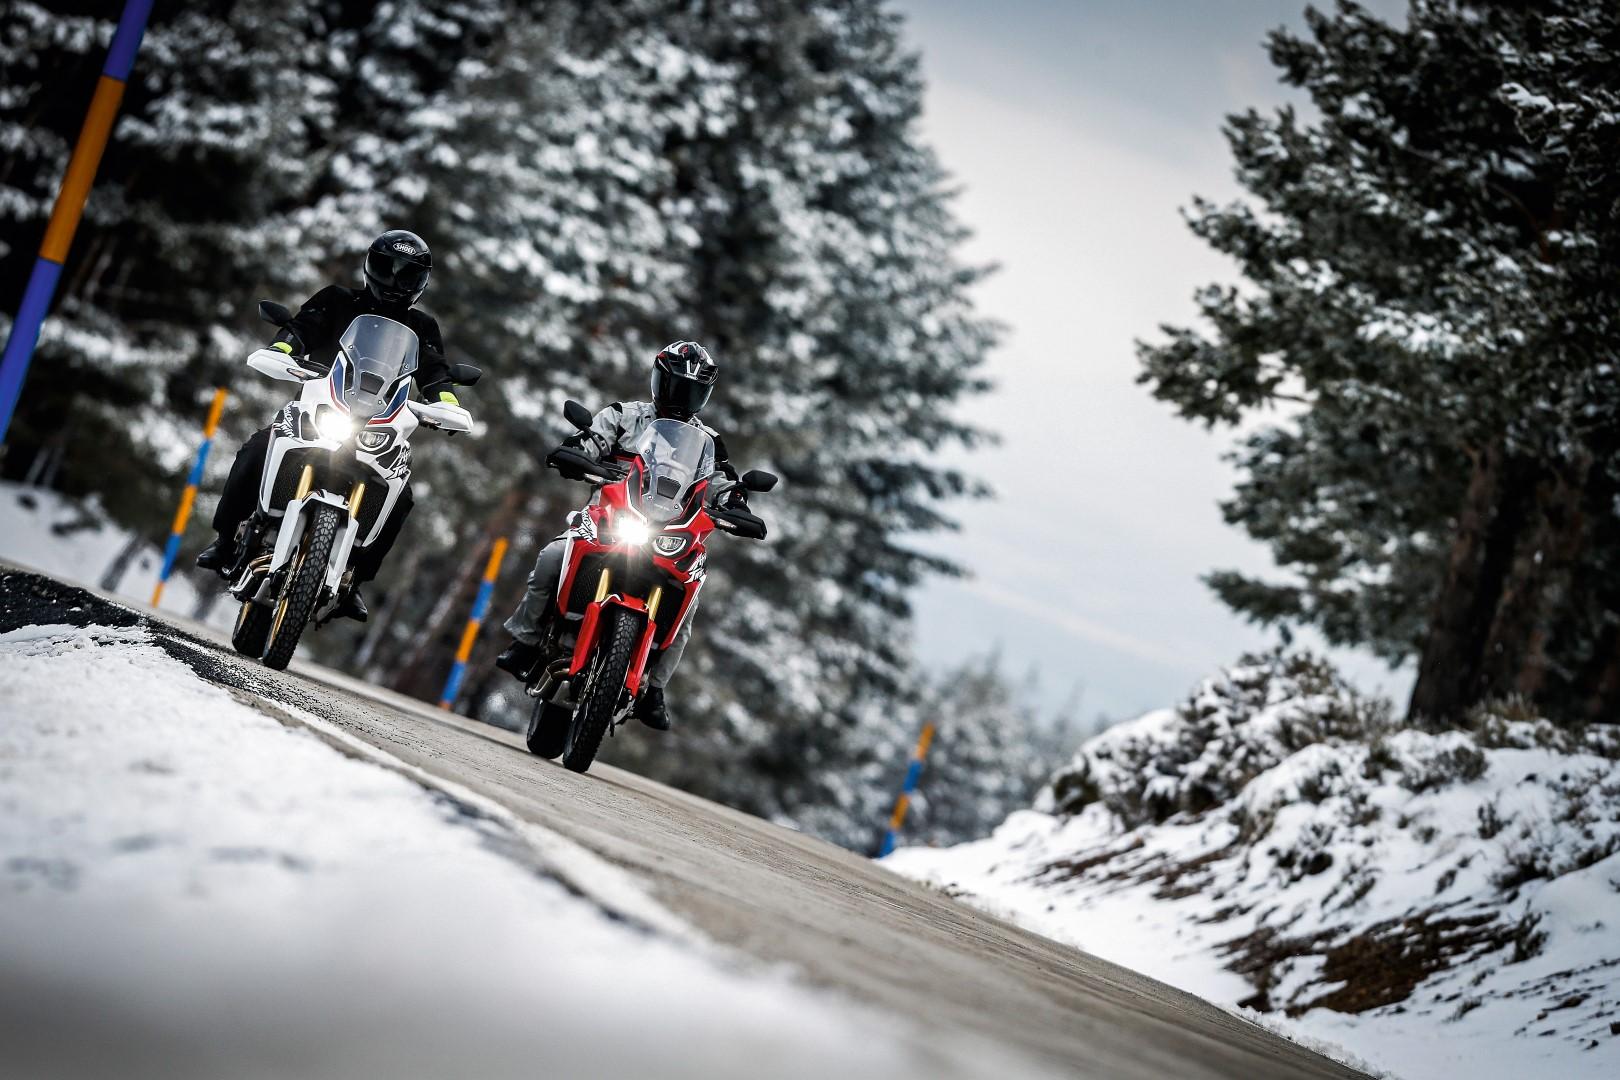 Especial invierno en moto y regalos para Navidad